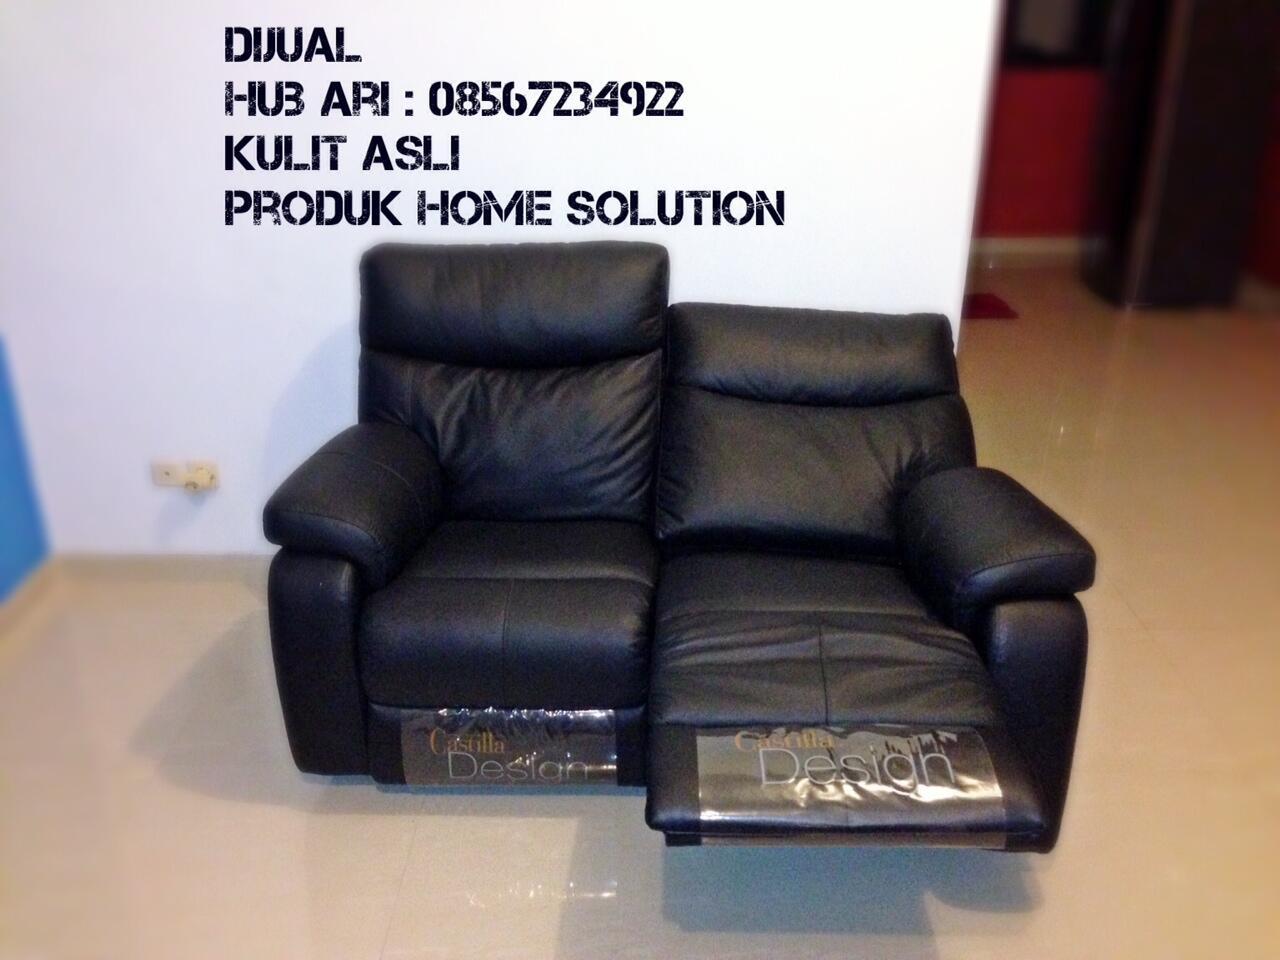 Cari Reclining Sofa 2 Seater Castilla Design Murah Bu Kaskus & Jual Sofa Reclining Kaskus | memsaheb.net islam-shia.org